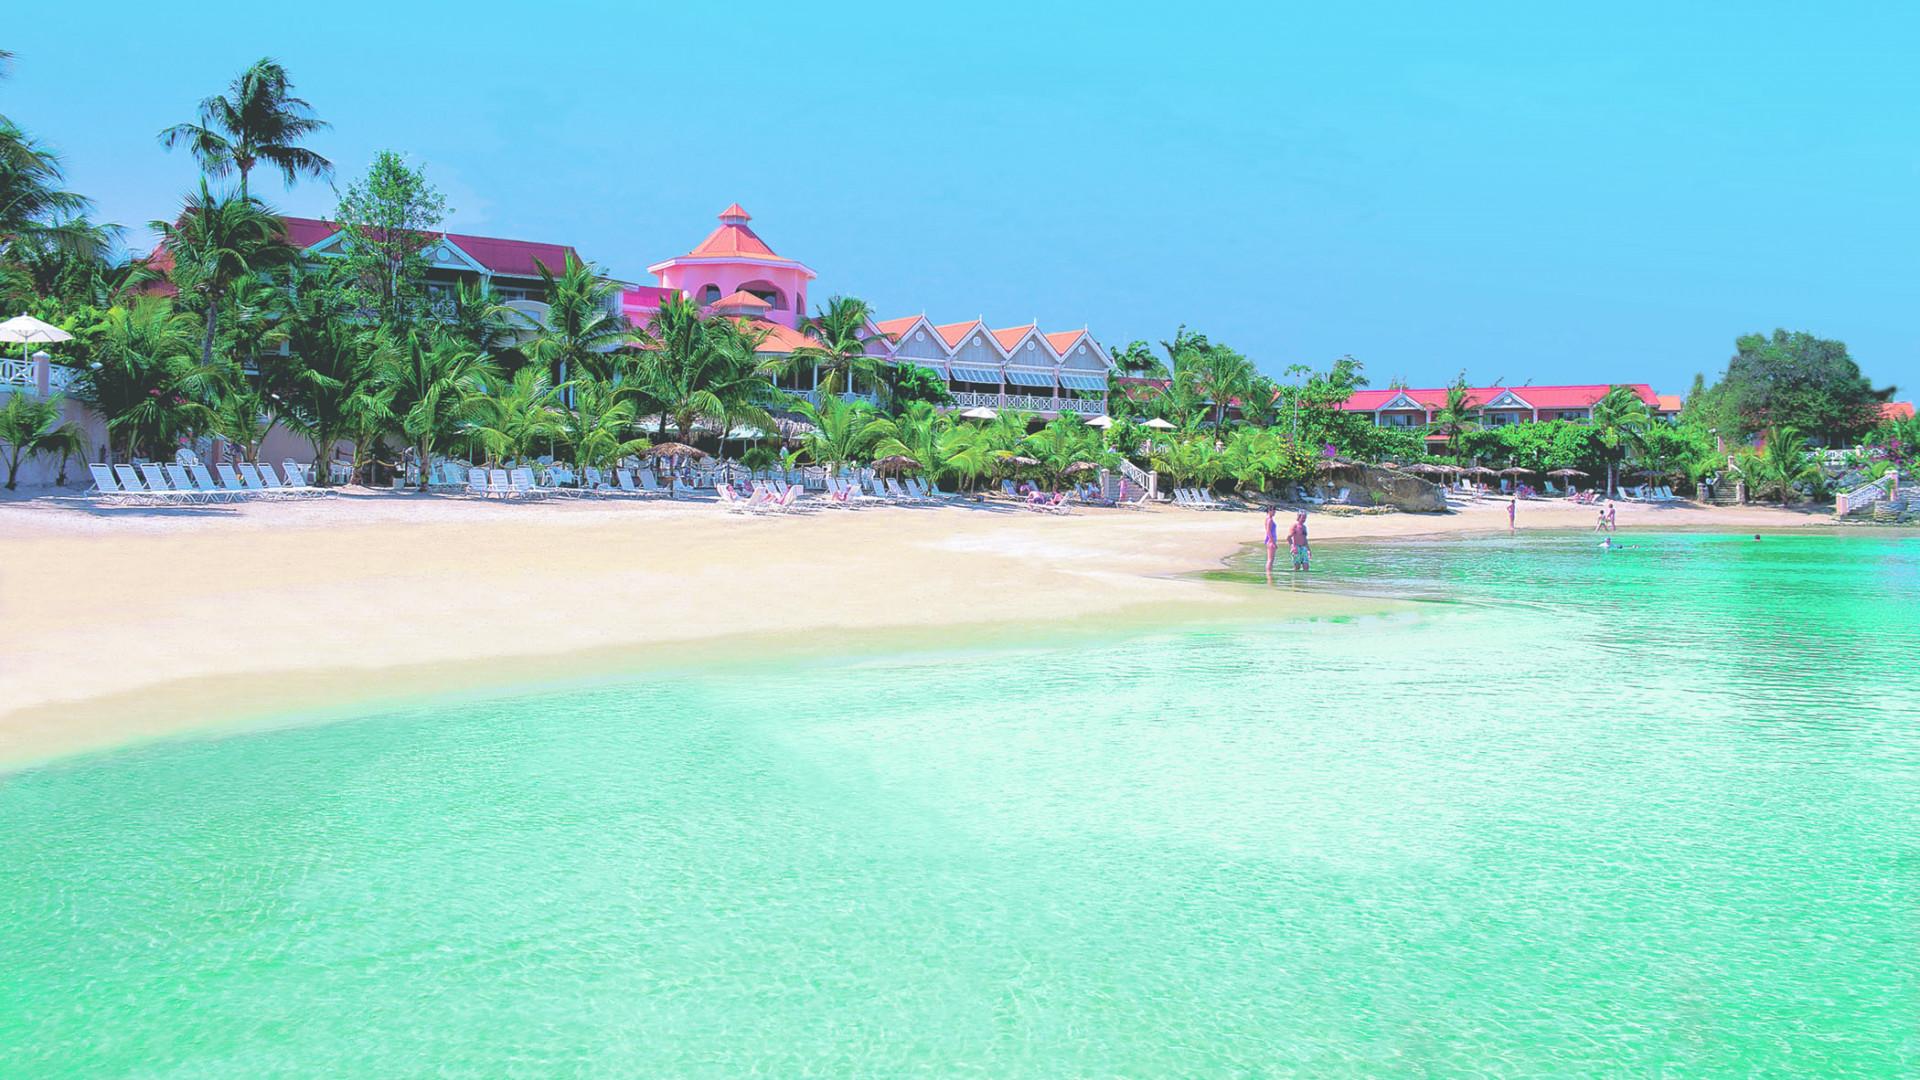 Coco Reef Beach, Tobago